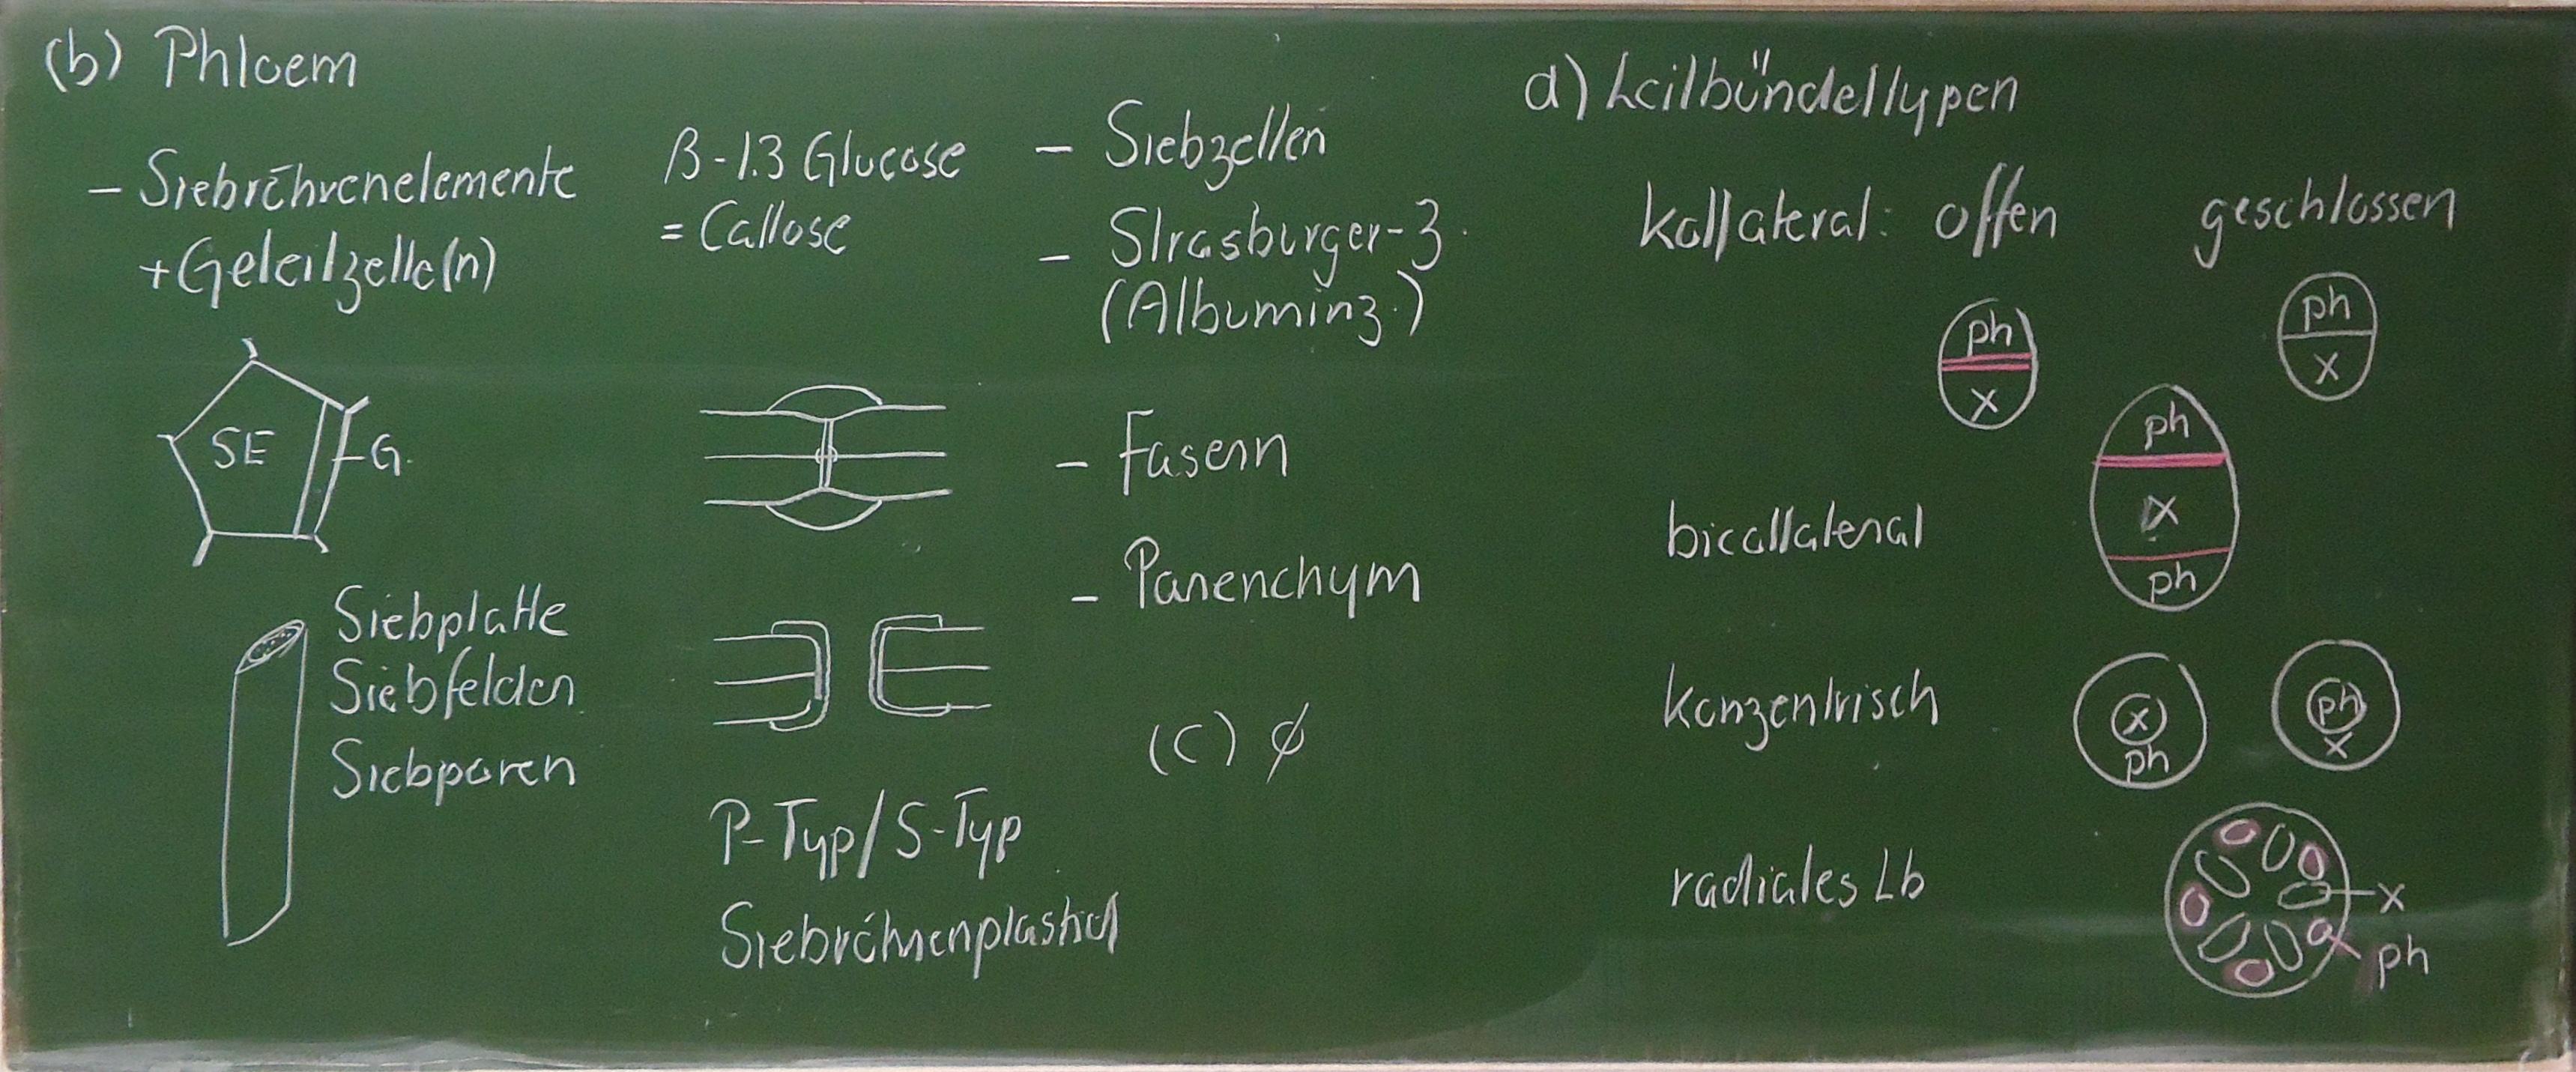 3. Anatomie der Achse - Ulm University